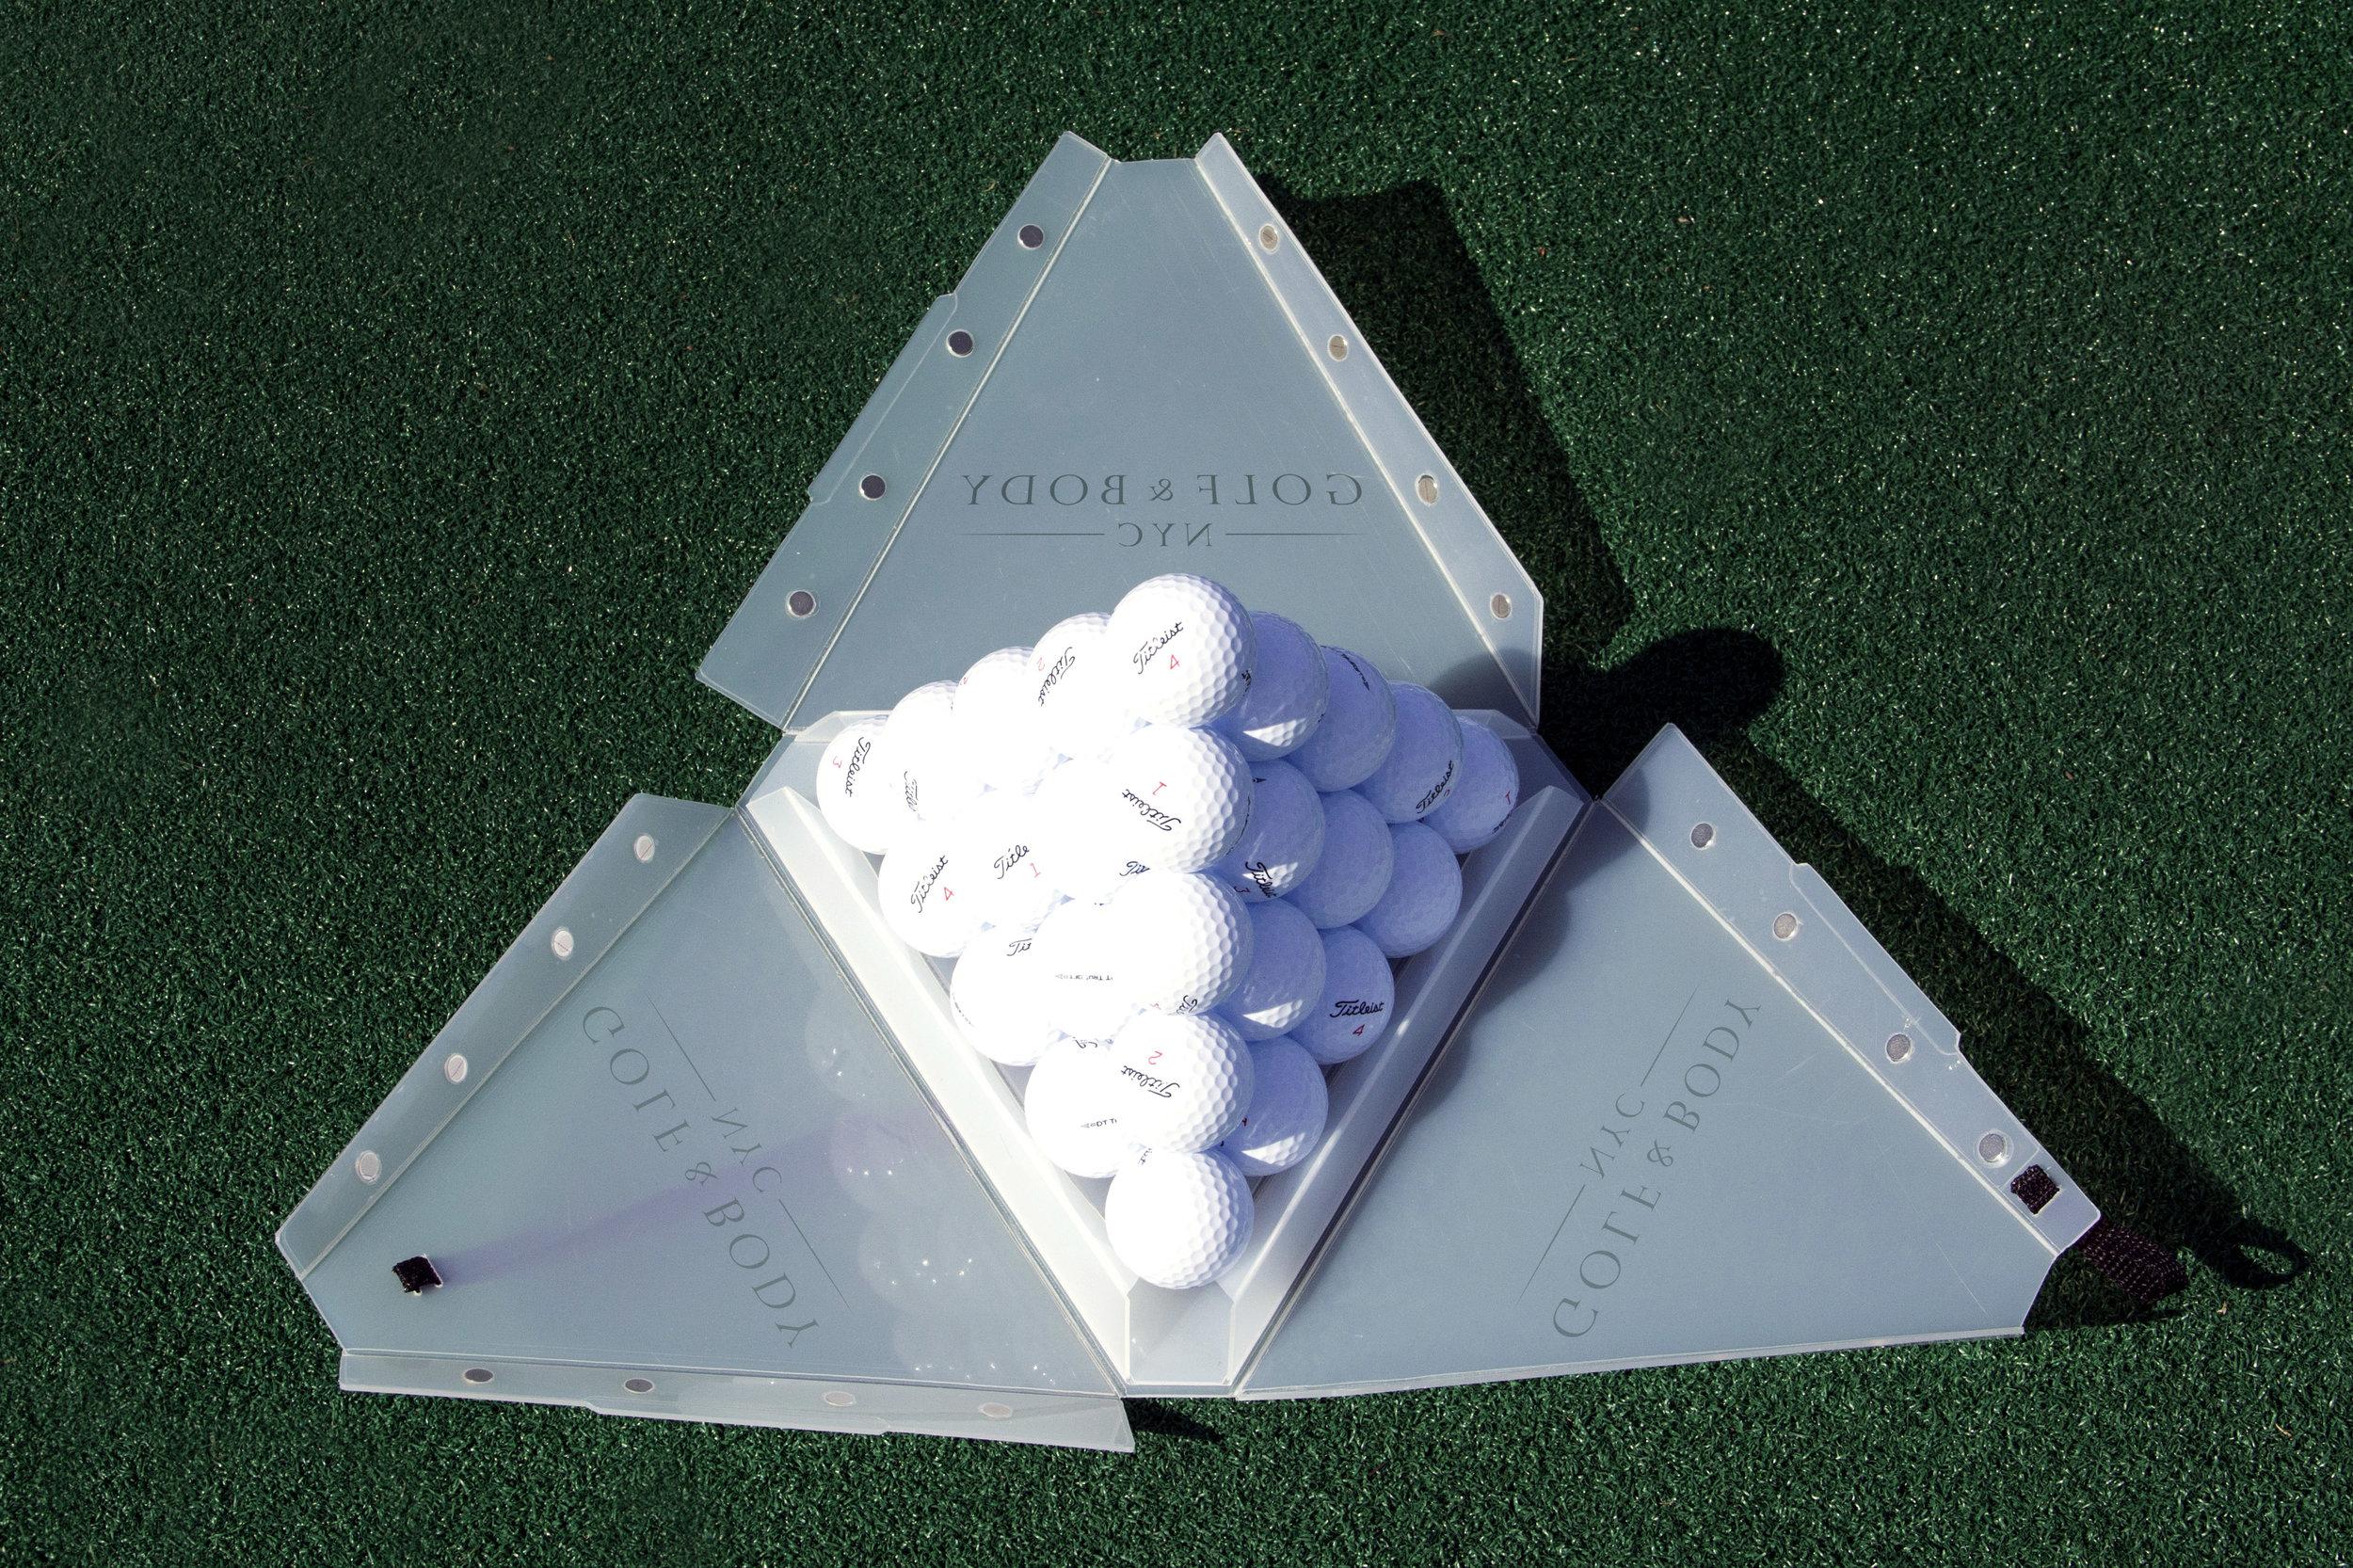 Golf&Body-Prototype-14-edit2.jpg